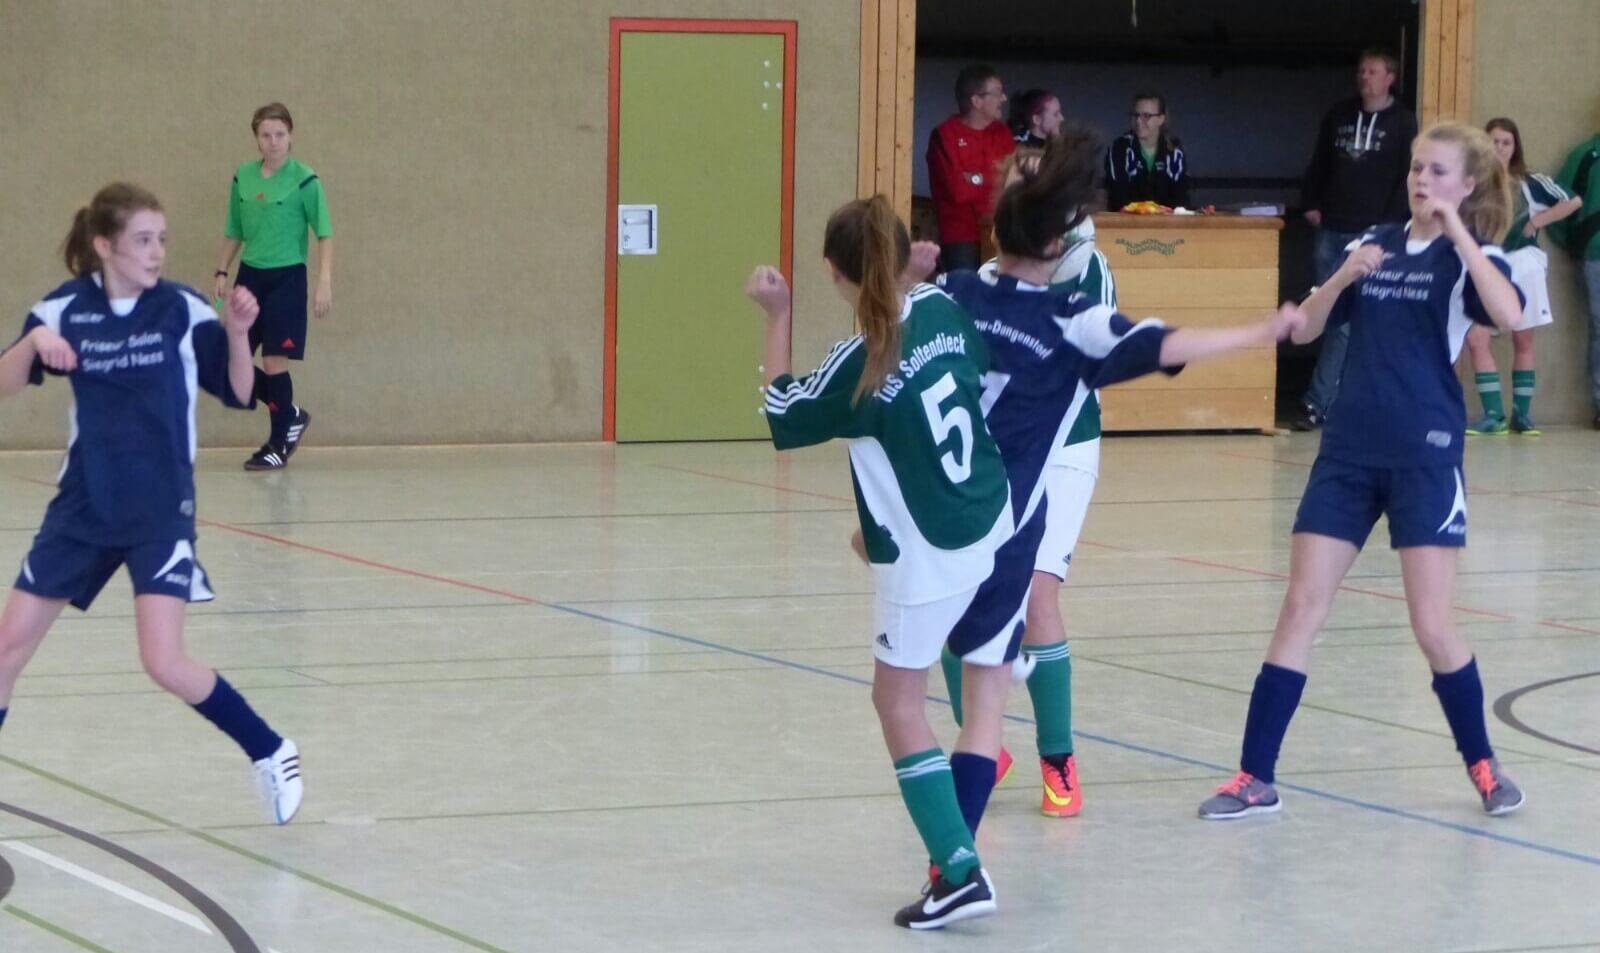 Hallenmeisterschaft 2015/2016: SG Aue Soltendieck C-Juniorinnen © mv